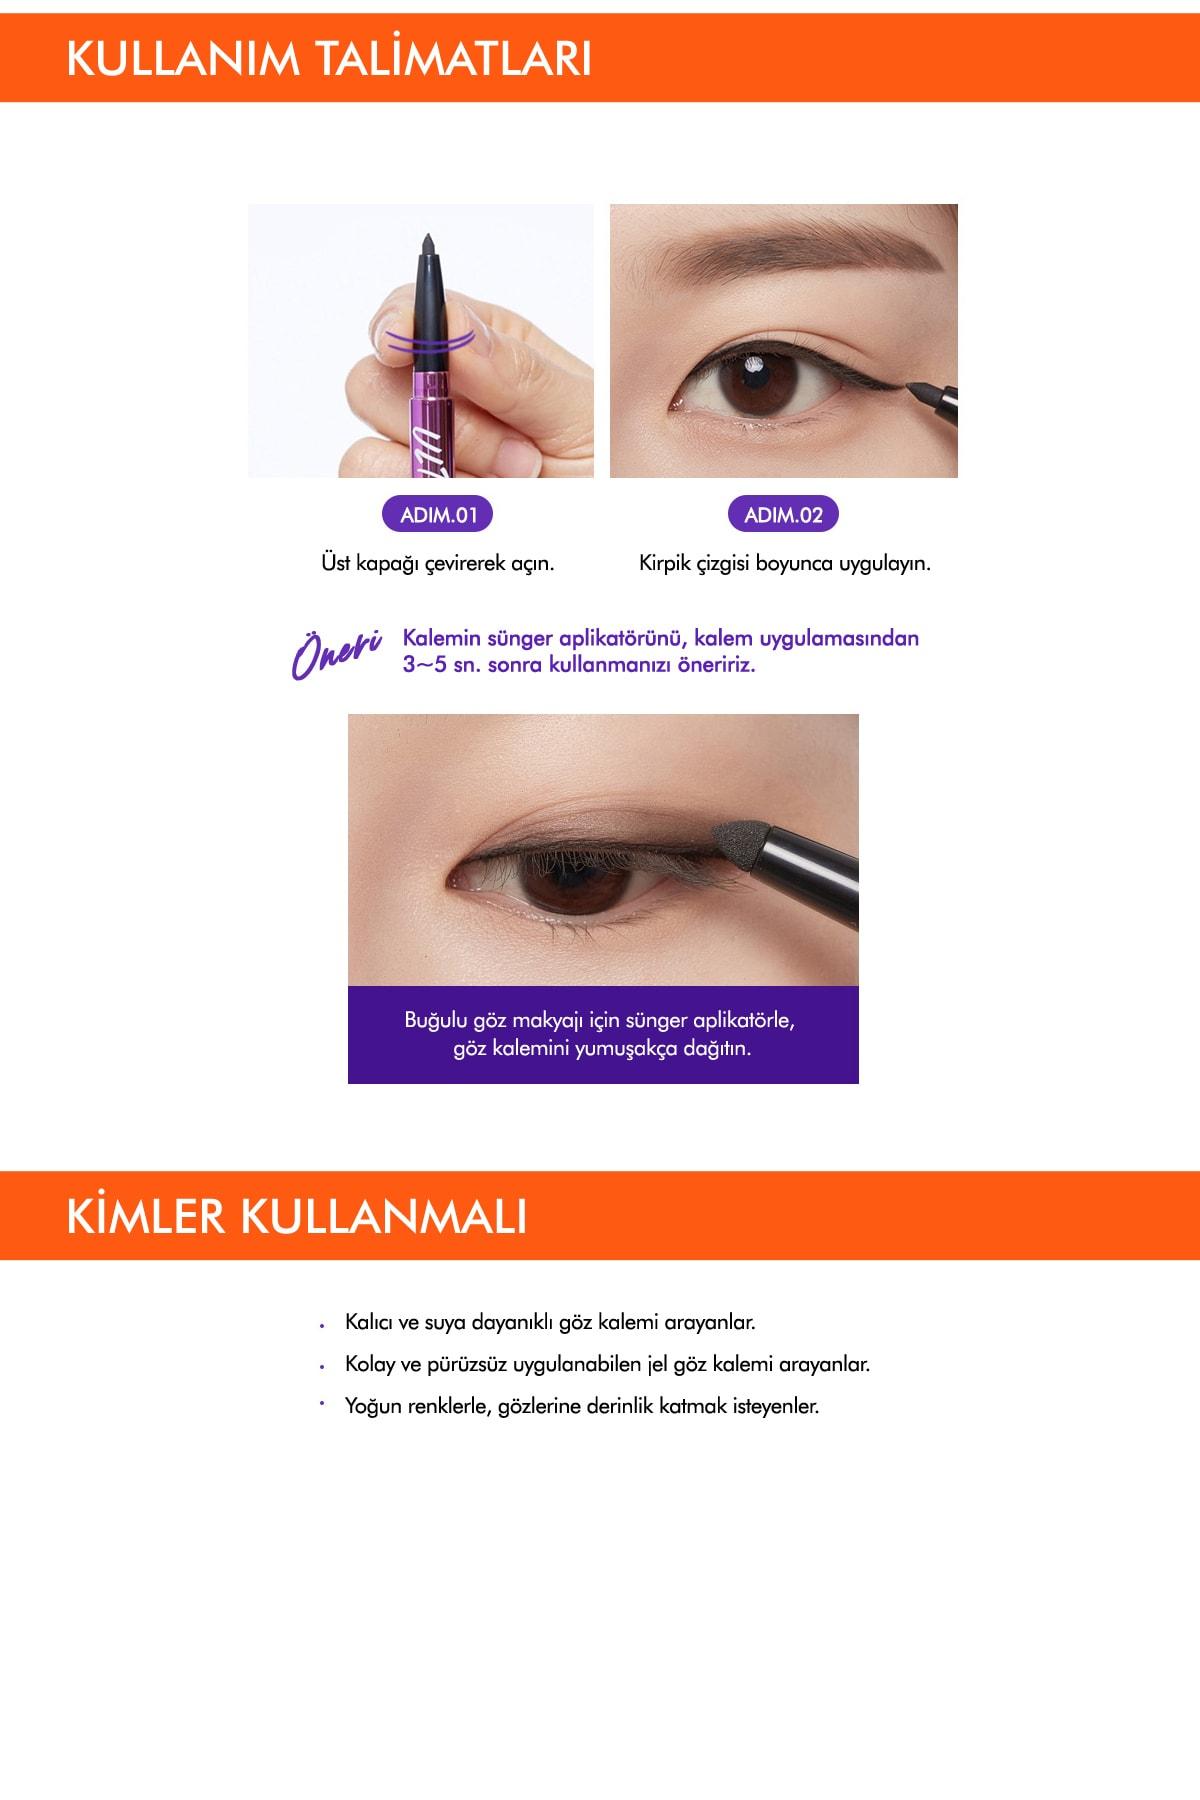 Missha Suya Dayanıklı Kalıcı Jel Göz Kalemi Ultra Powerproof Pencil Eyeliner [Black] 4